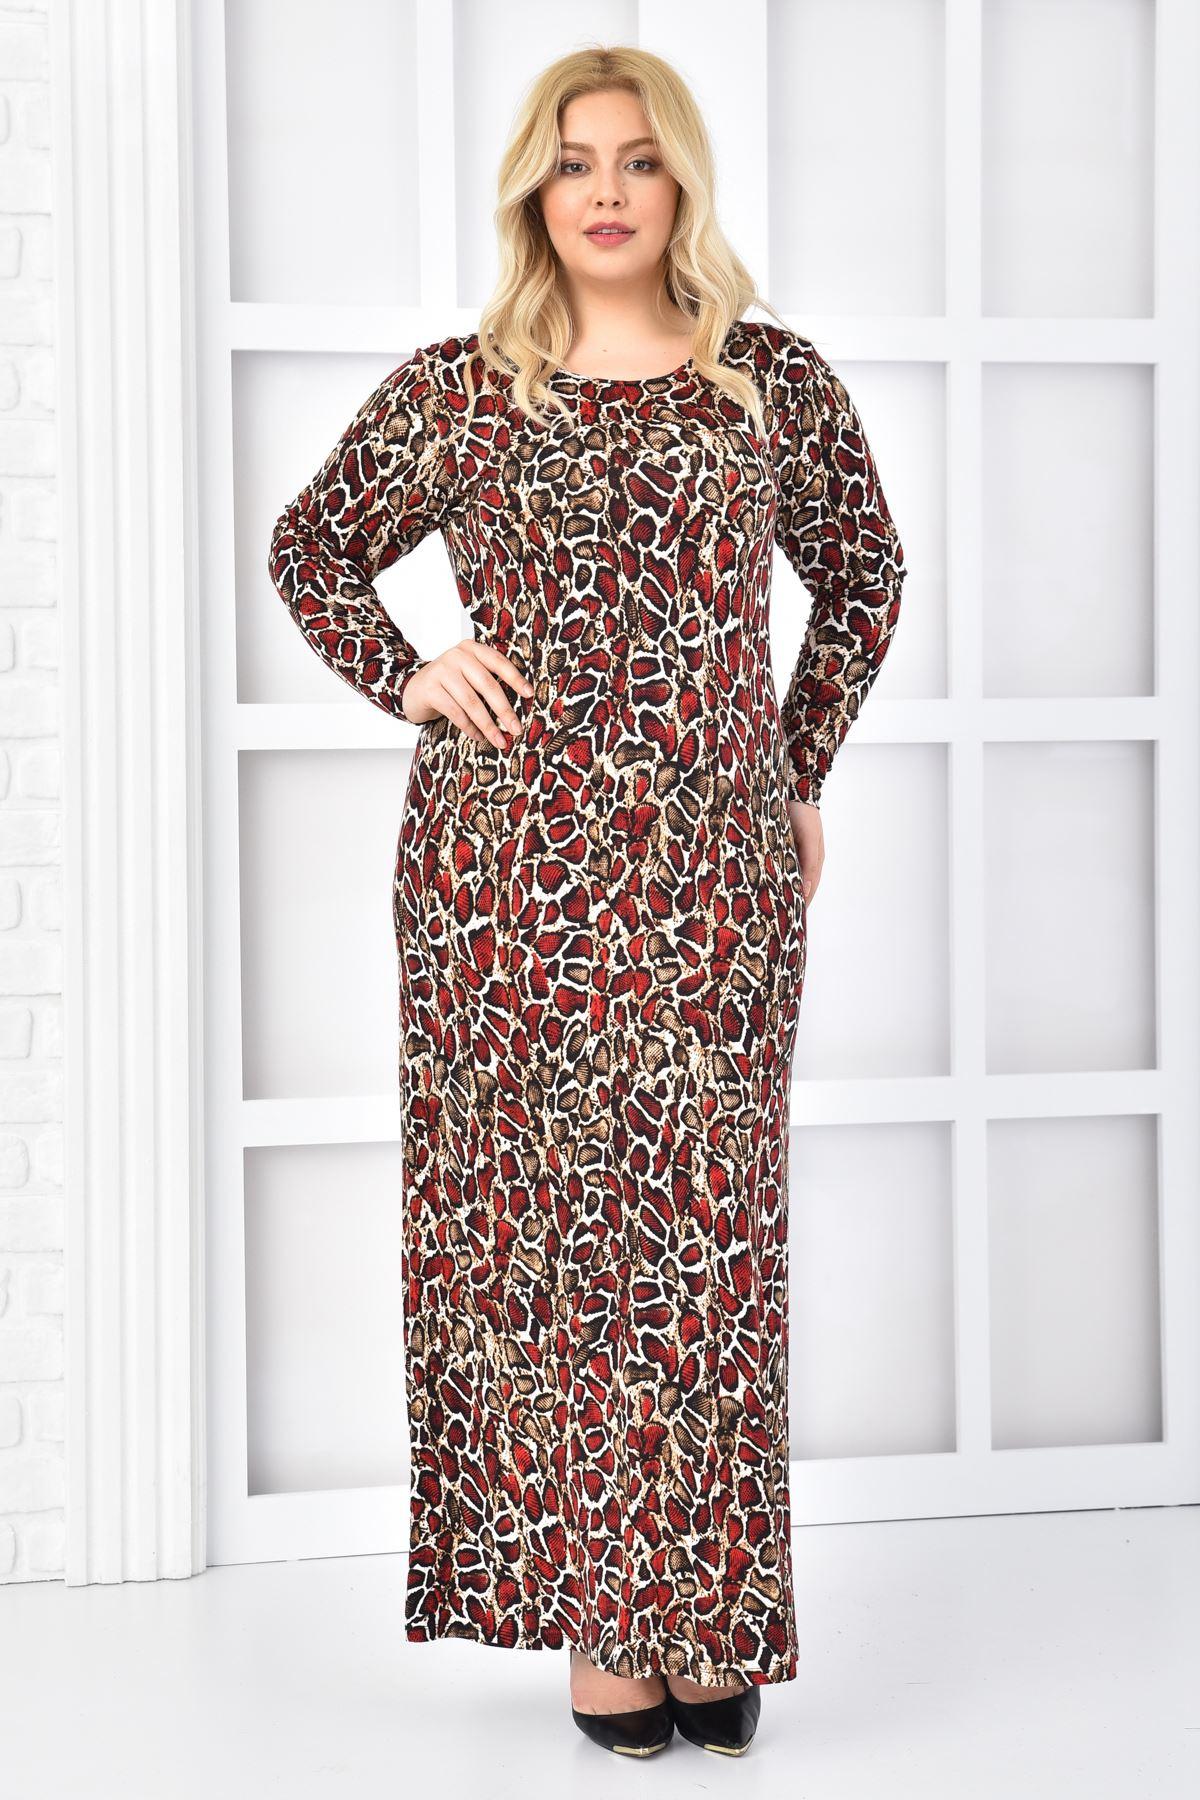 Fupe Büyük Beden Uzun Elbise Siyah Kadın Yılan Derisi Desen